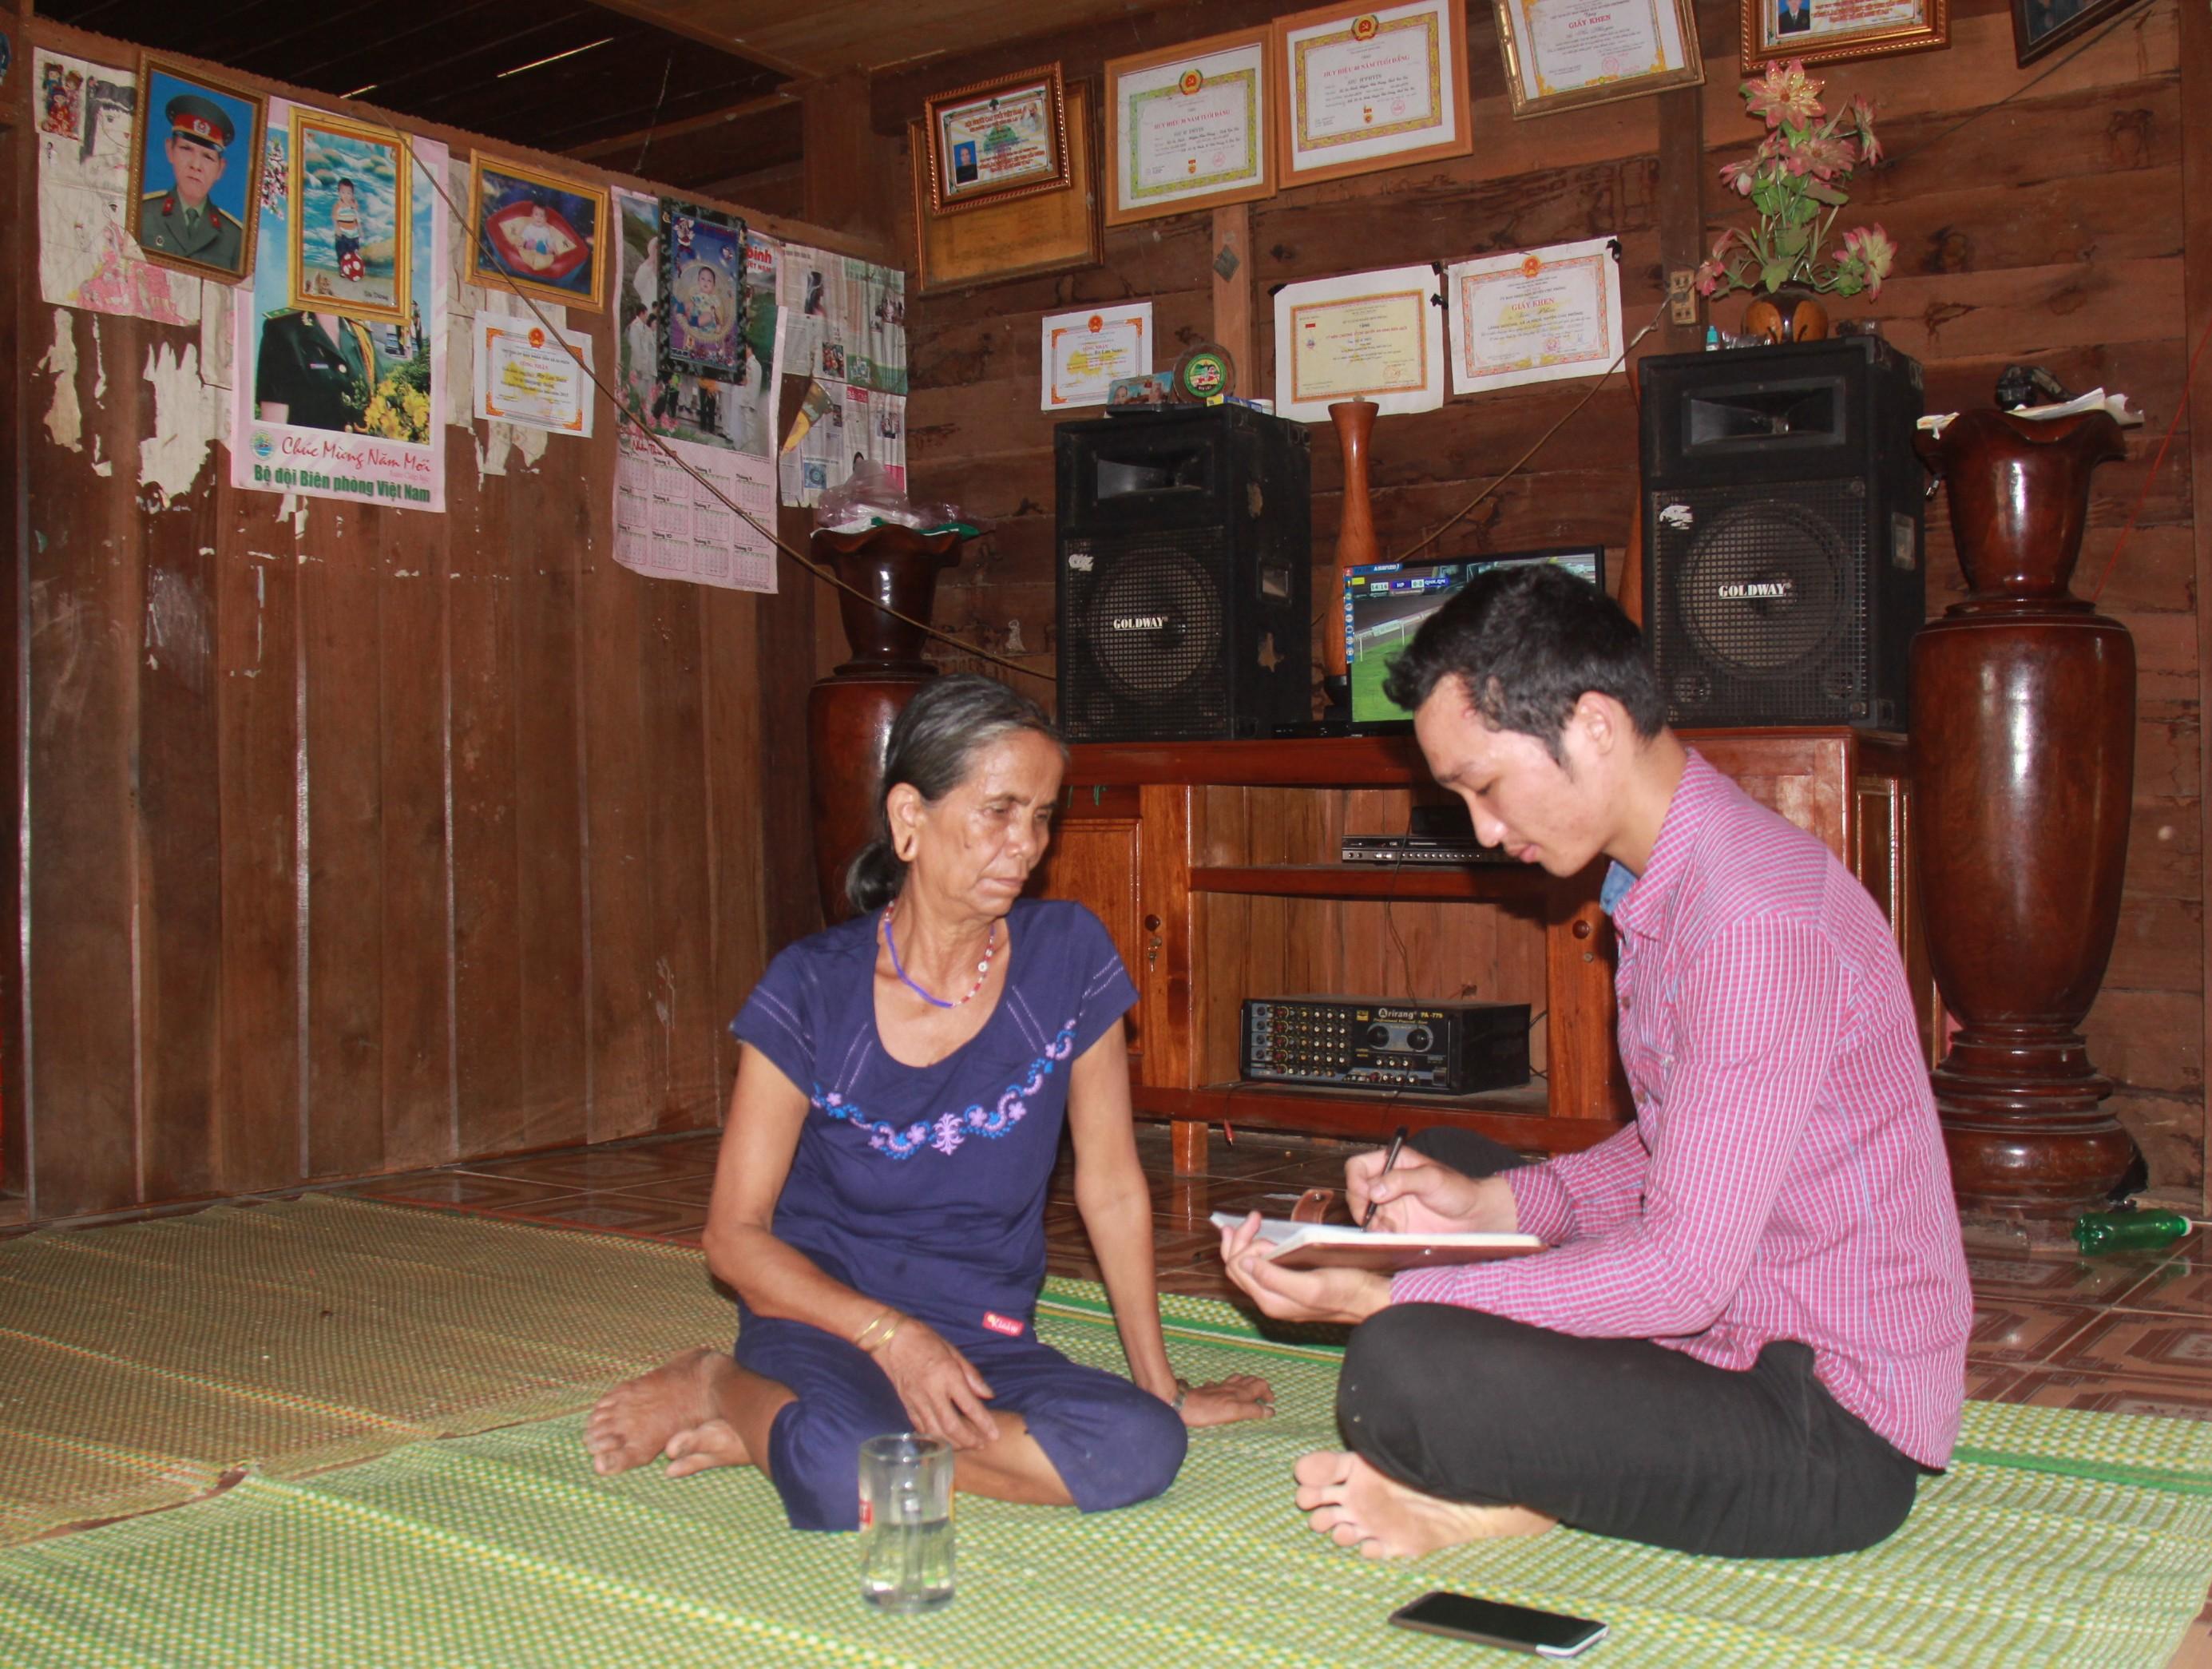 Bên trong căn nhà của già làng Siu Phyin nhiều bằng khen, giấy khen của các cấp ngành khen tặng